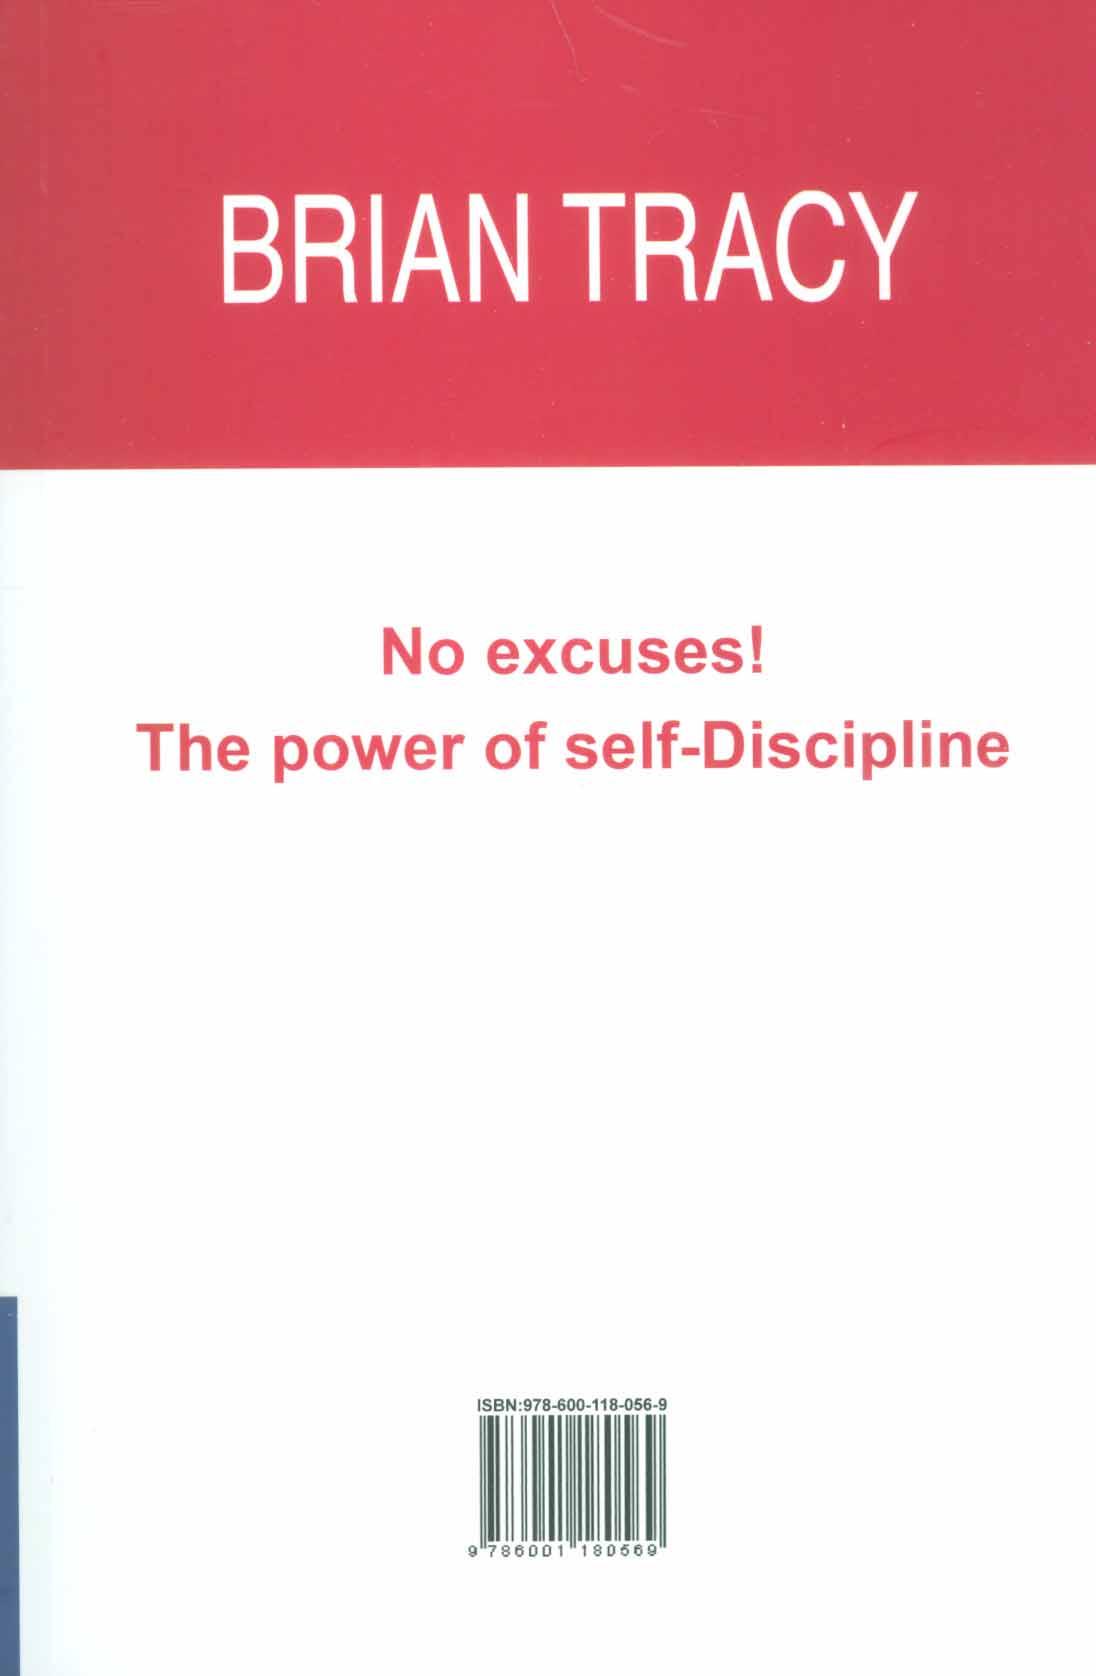 بهانه ممنوع! (نقش مهم انضباط)،(21 روش برای رسیدن به خوشبختی و موفقیت پر دوام)